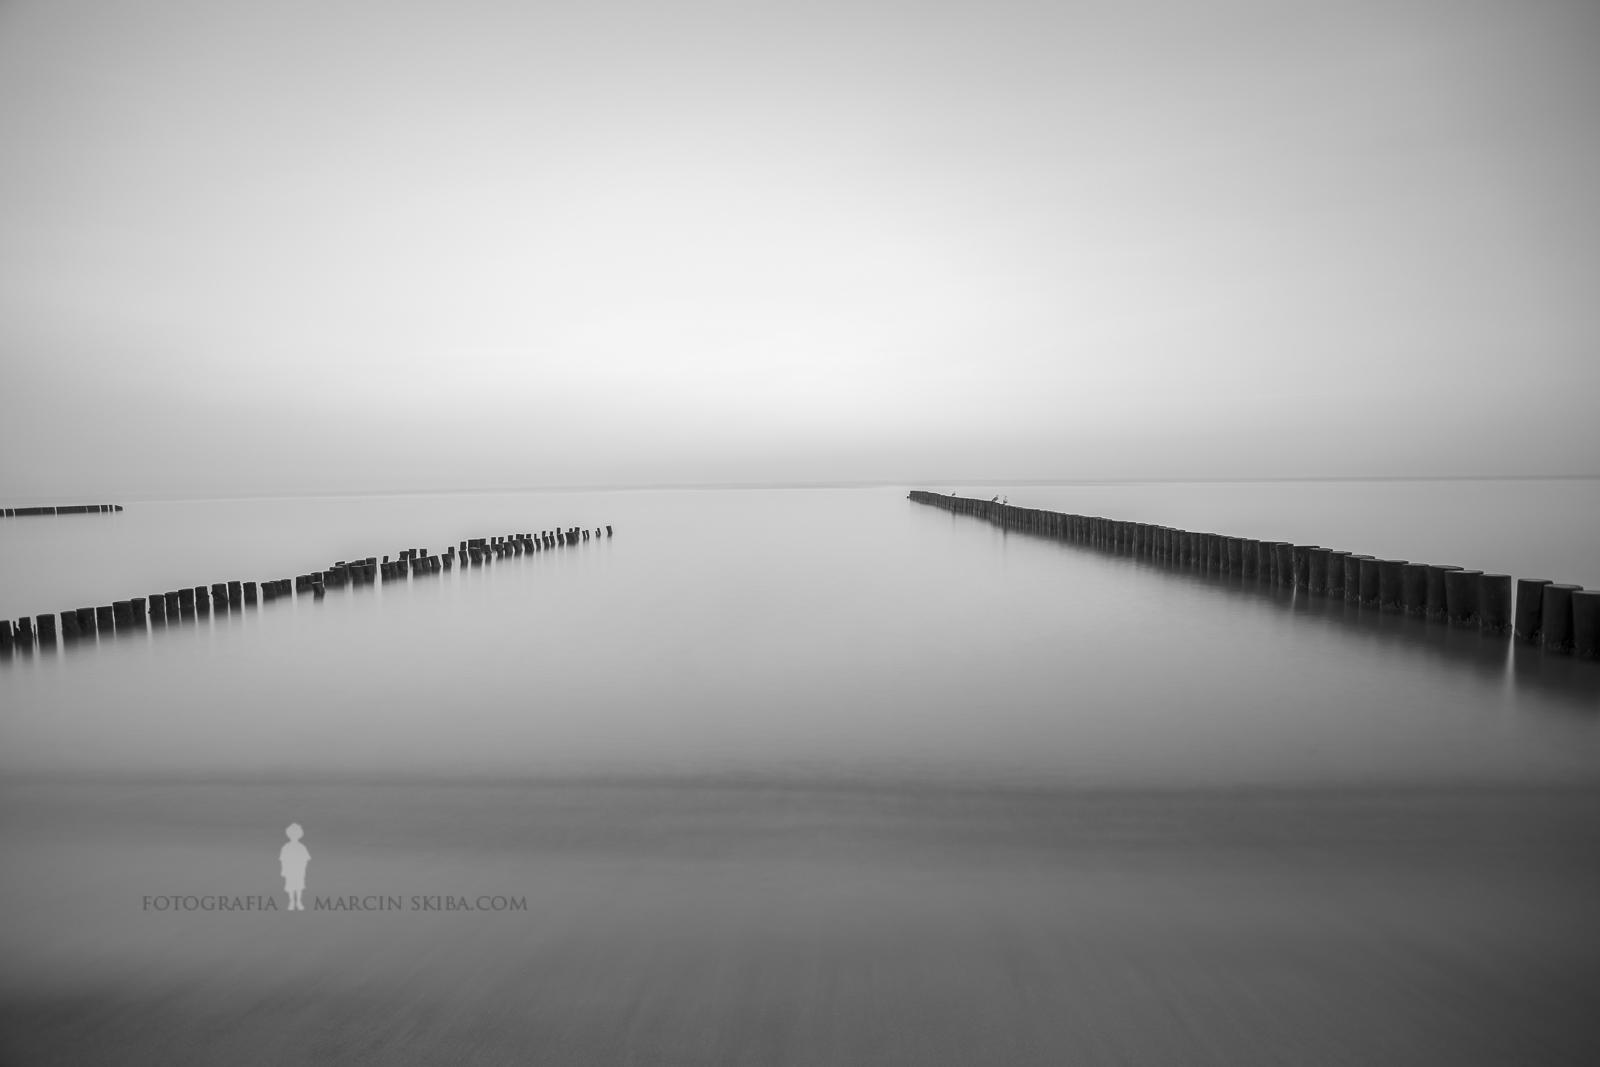 Bałtyk-Morze-Bałtyckie-Ustronie-Morskie-8